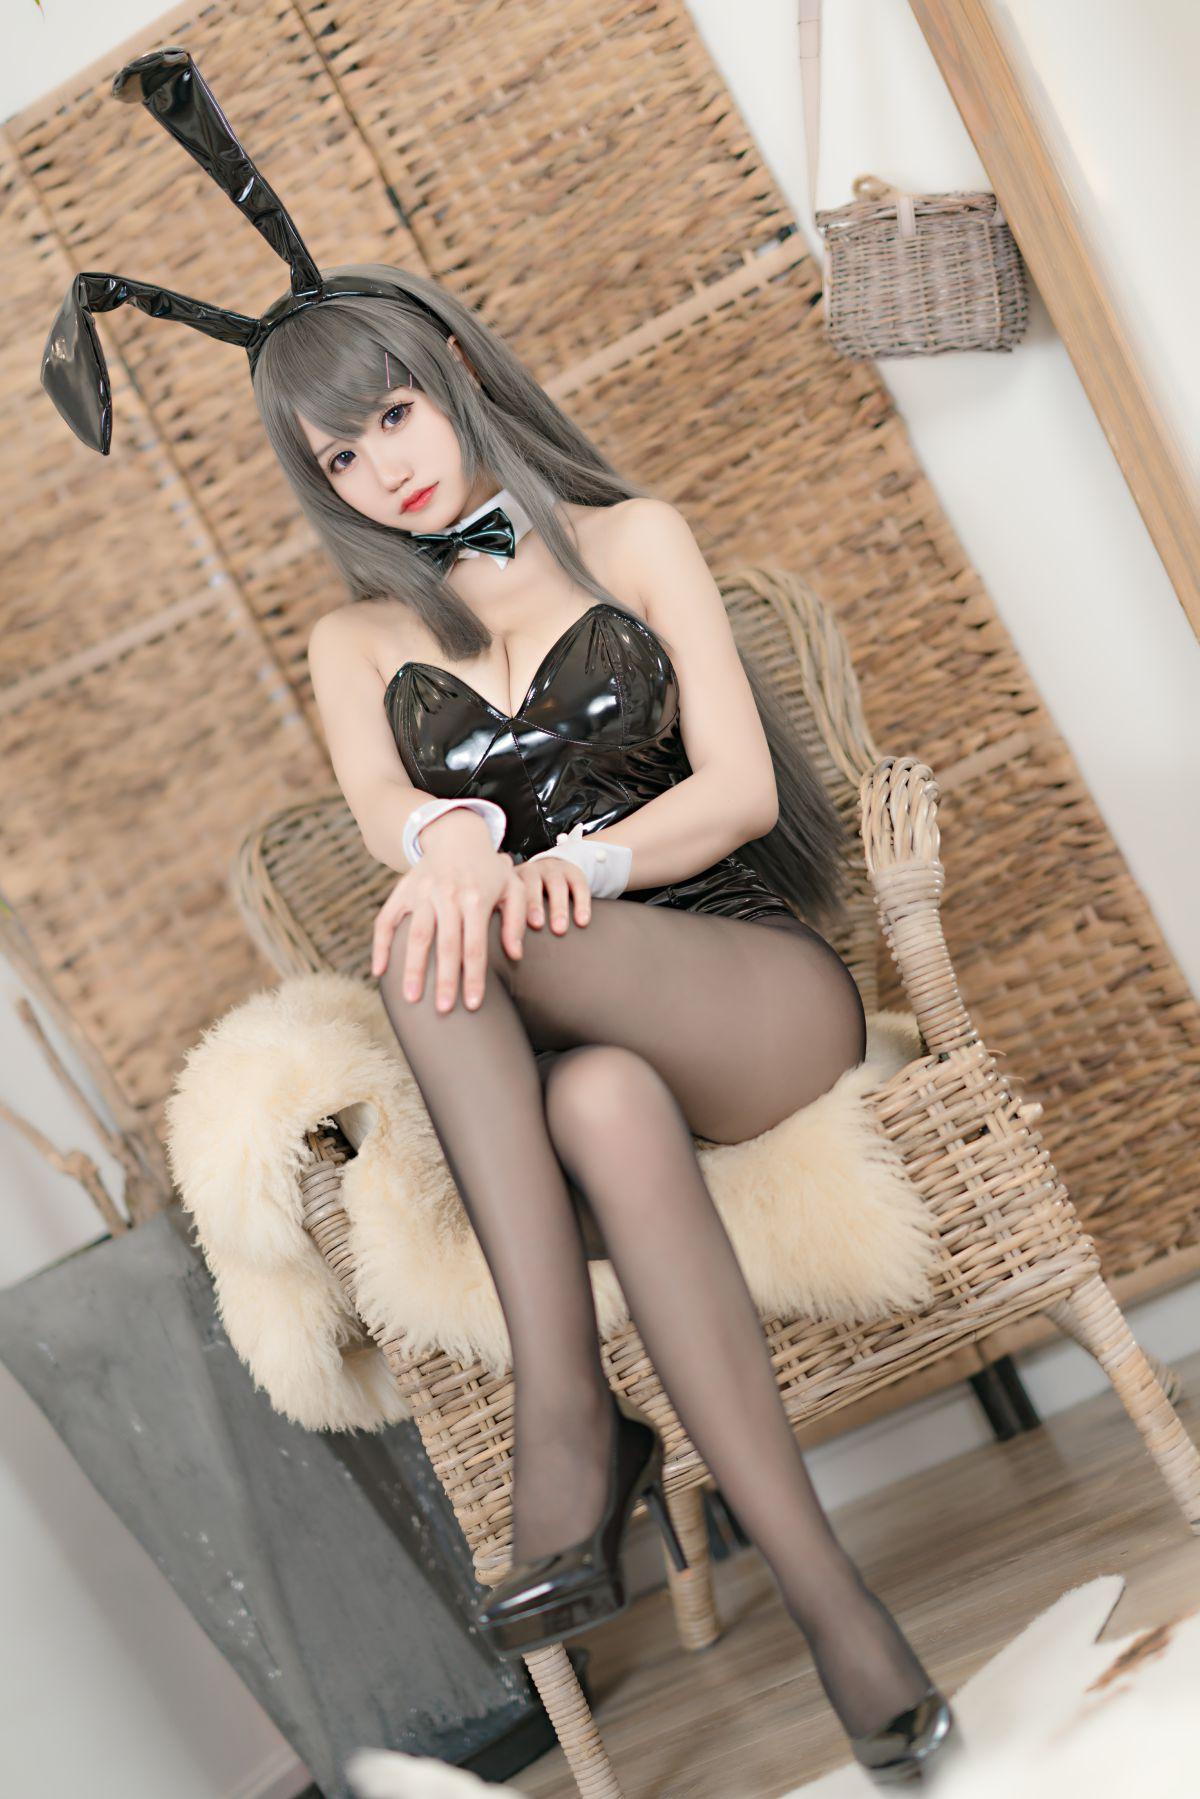 动漫博主小仓千代w 麻衣兔女郎[24P] 其他套图 第3张